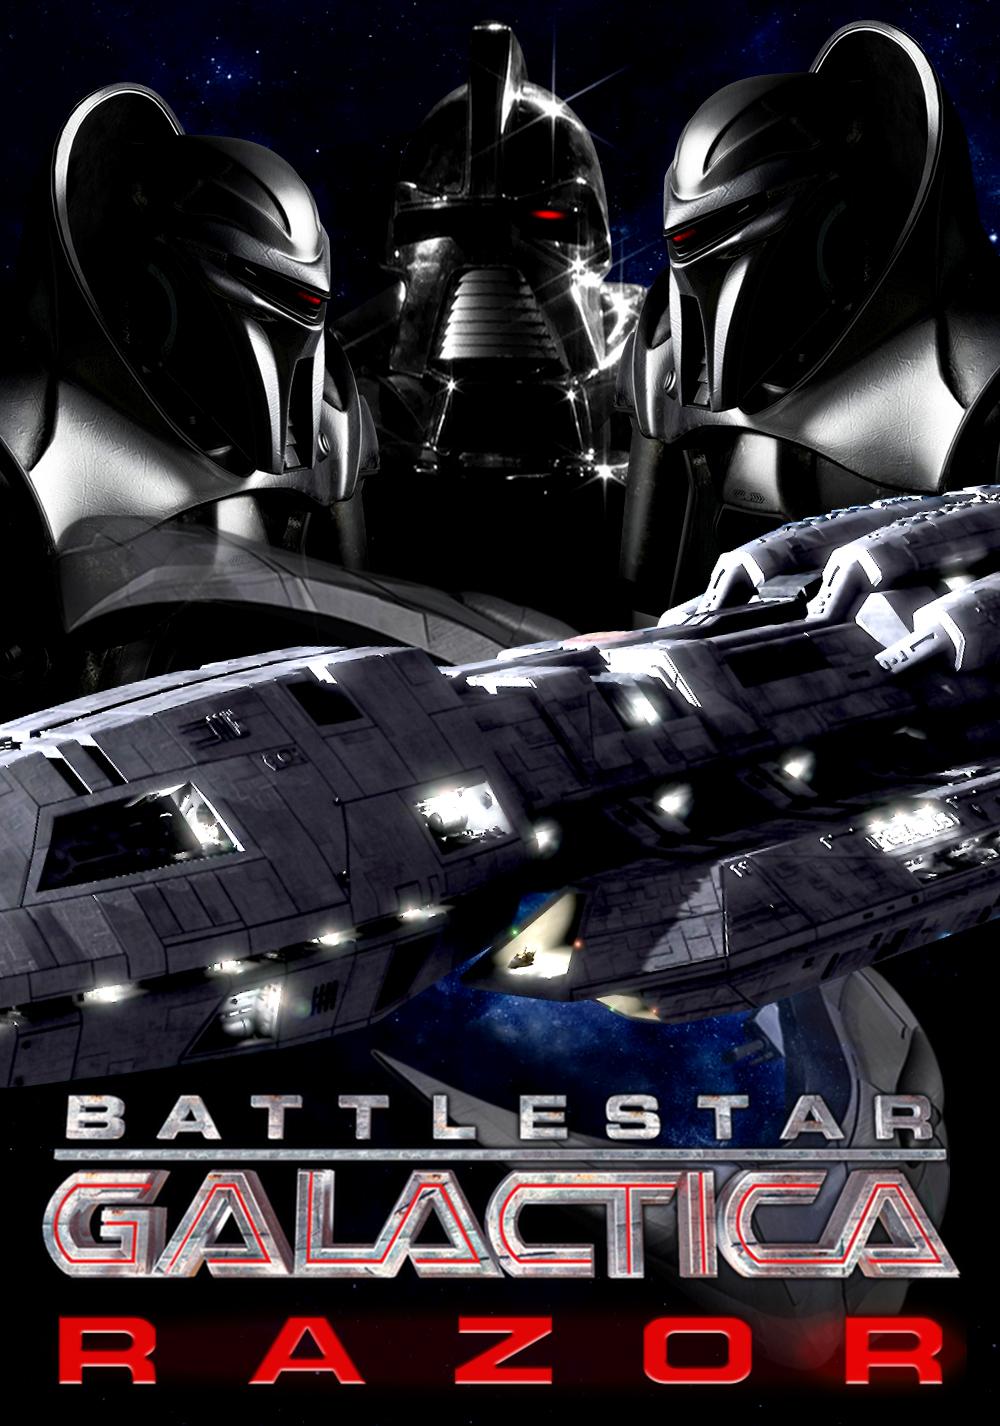 Battlestar Galactica favourites by numisiro on DeviantArt